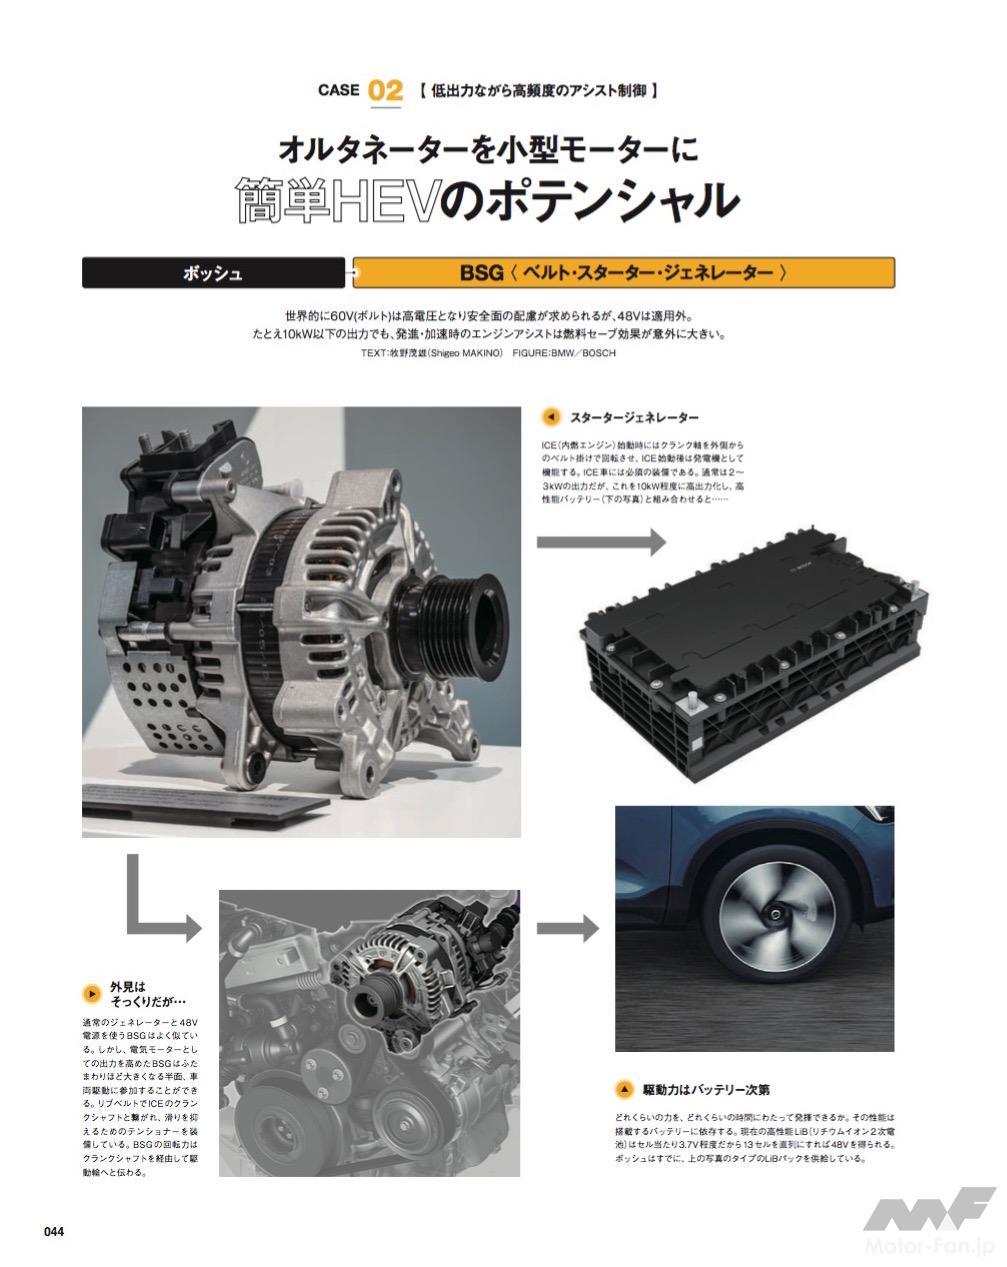 「絶妙なアシスト、48V-BSGの仕組み:MFi180号「電気のチカラ」特集」の4枚目の画像